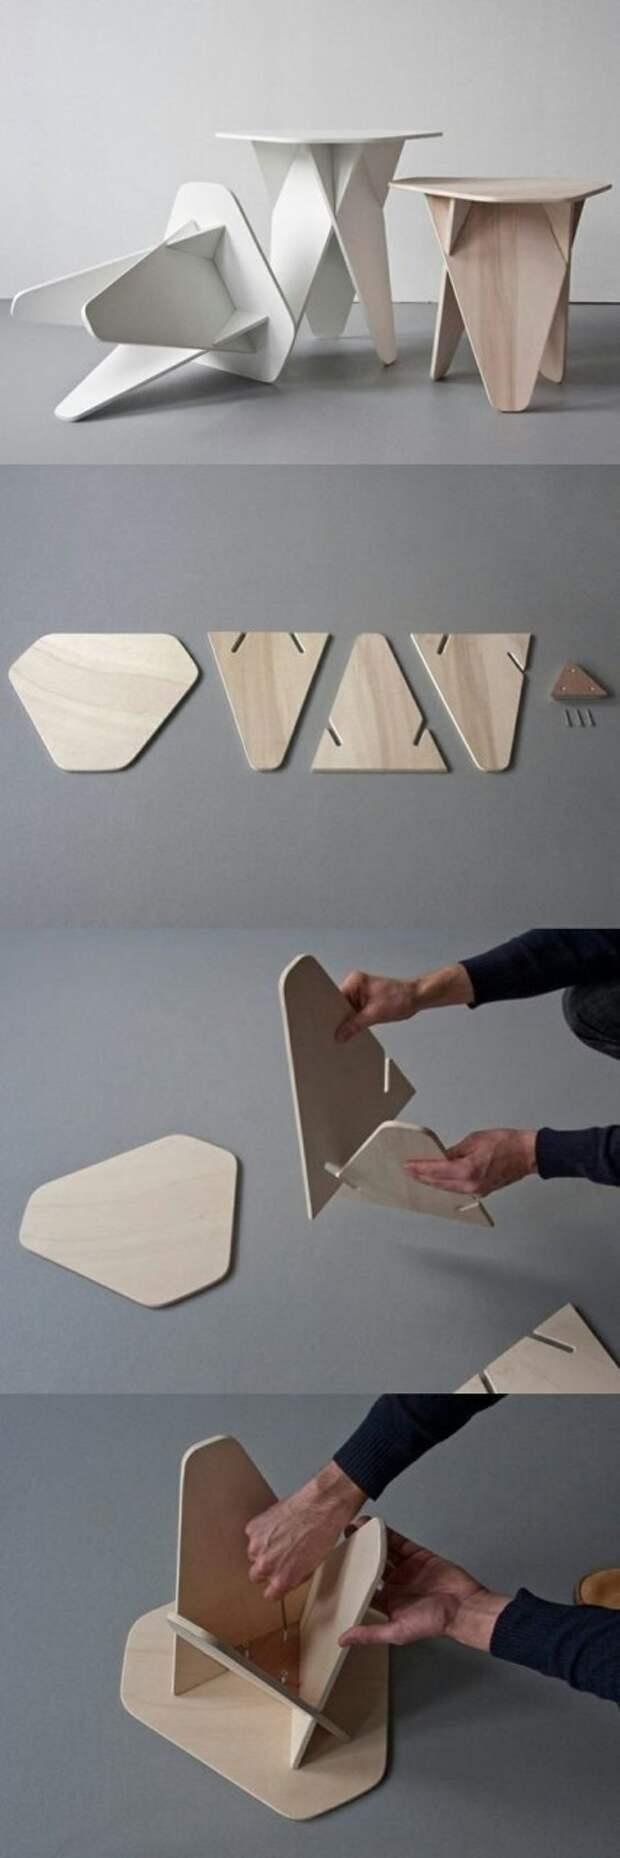 Умные трансформеры, доступные каждому Фабрика идей, интересное, мебель, полезное, трансформеры, эргономичность